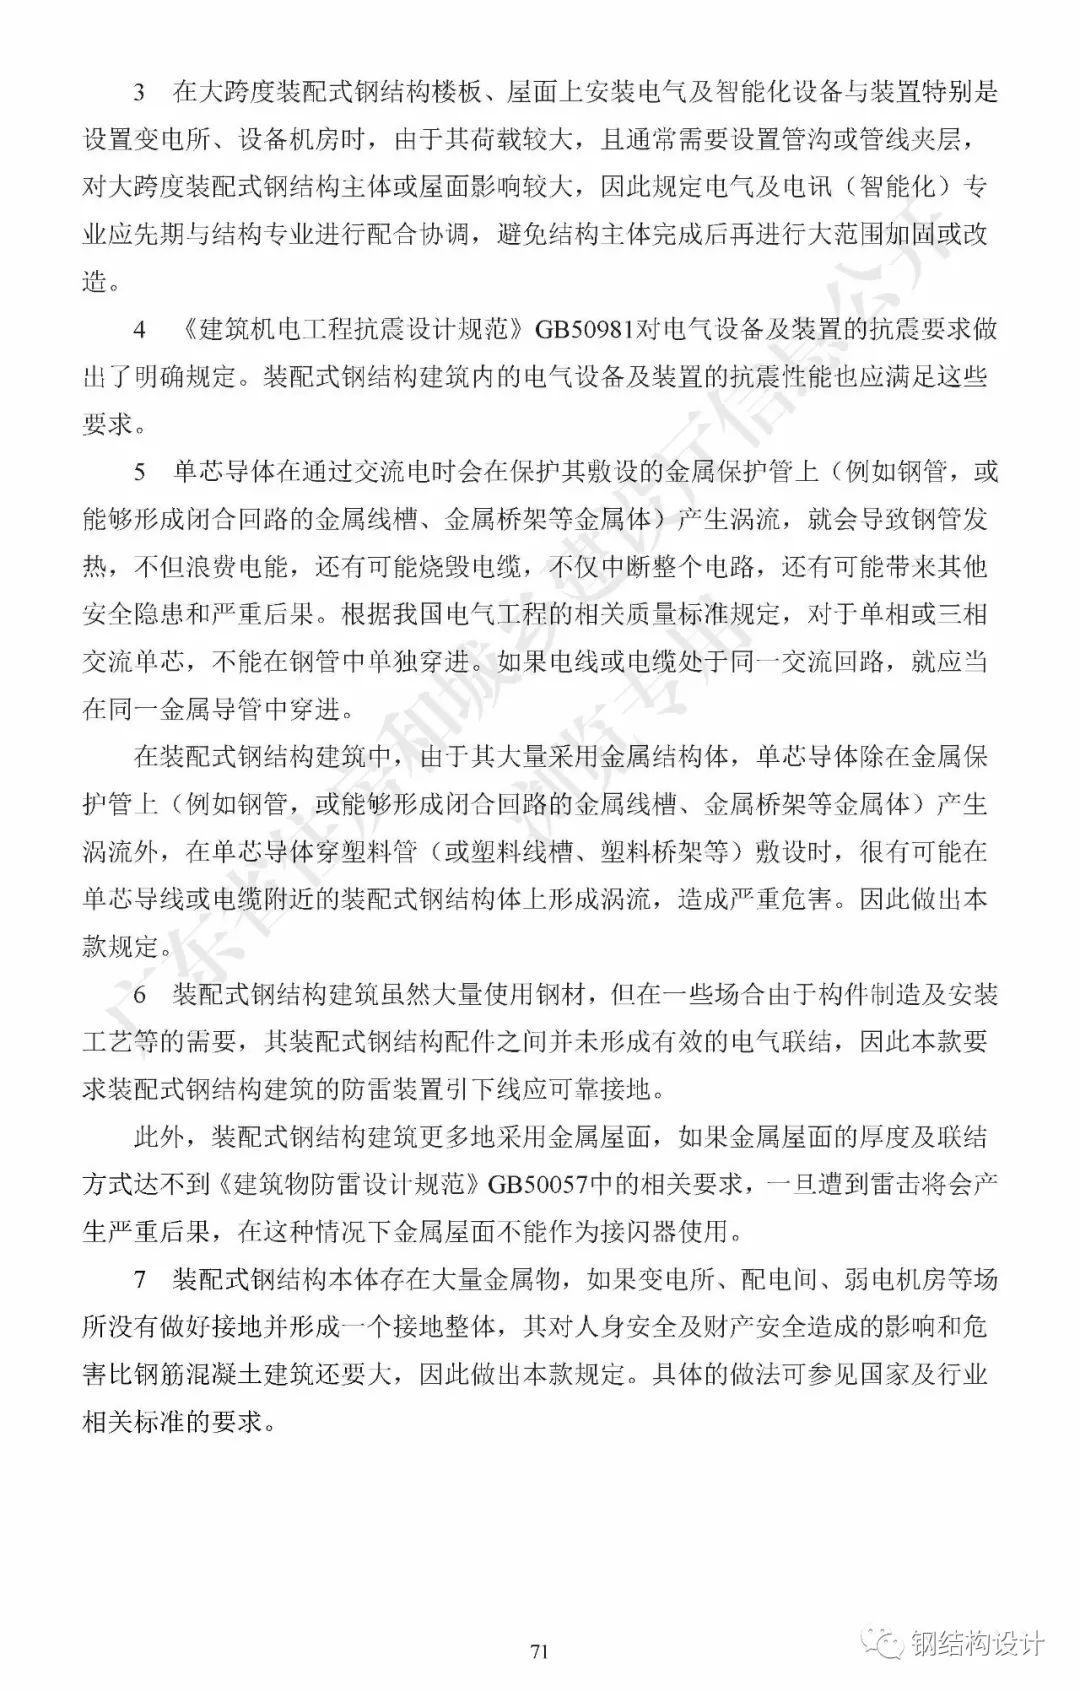 广东省《装配式钢结构建筑技术规程》发布_81